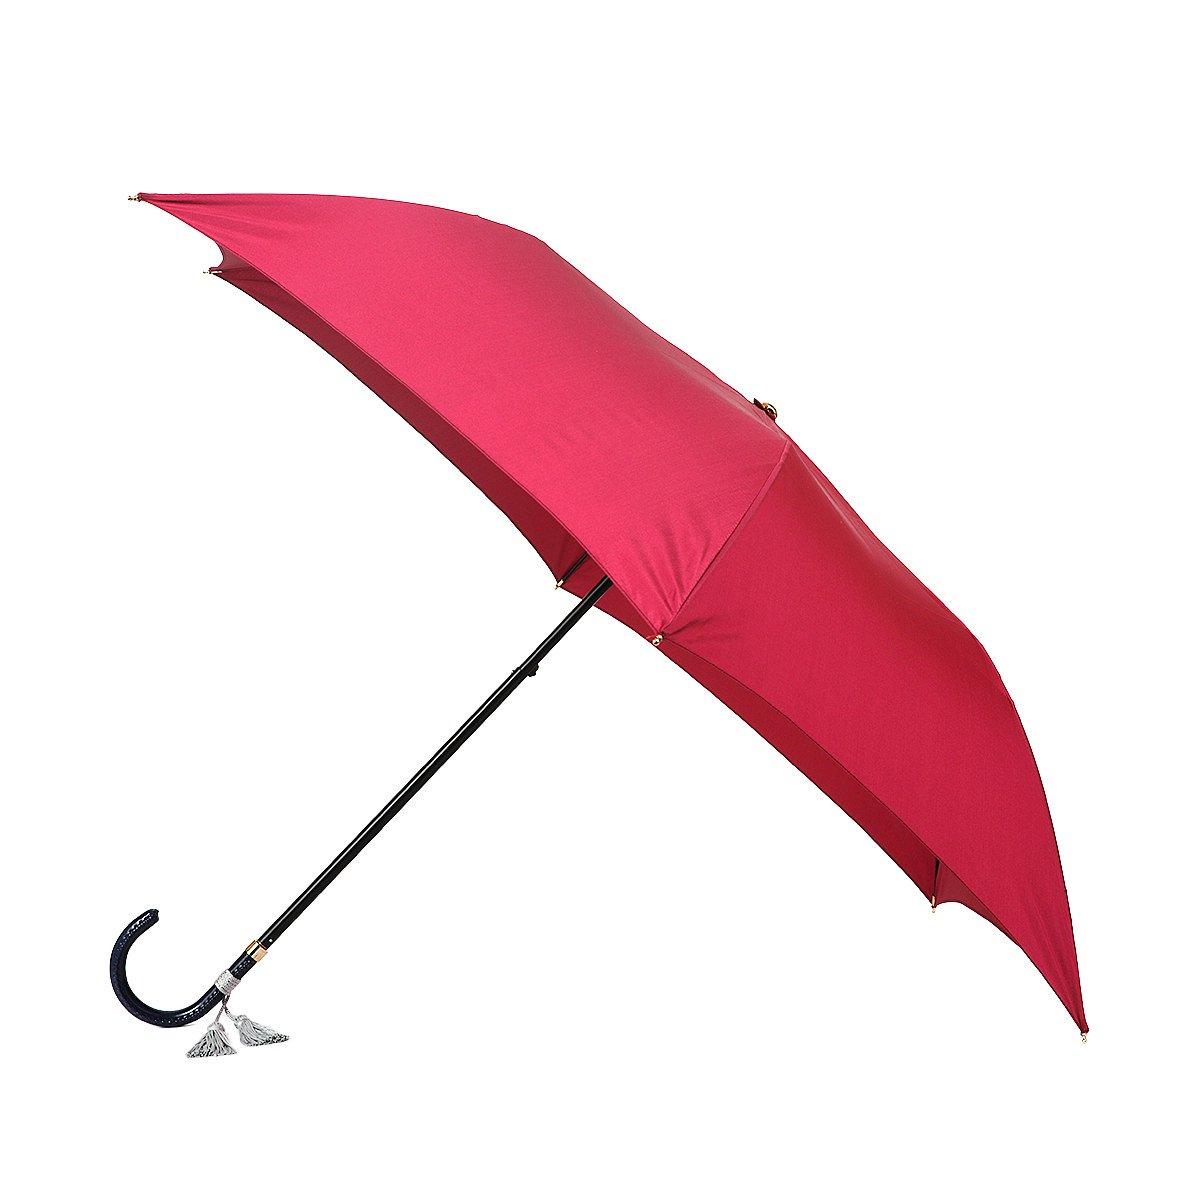 東京ノーブル 無地 折りたたみ傘 詳細画像11